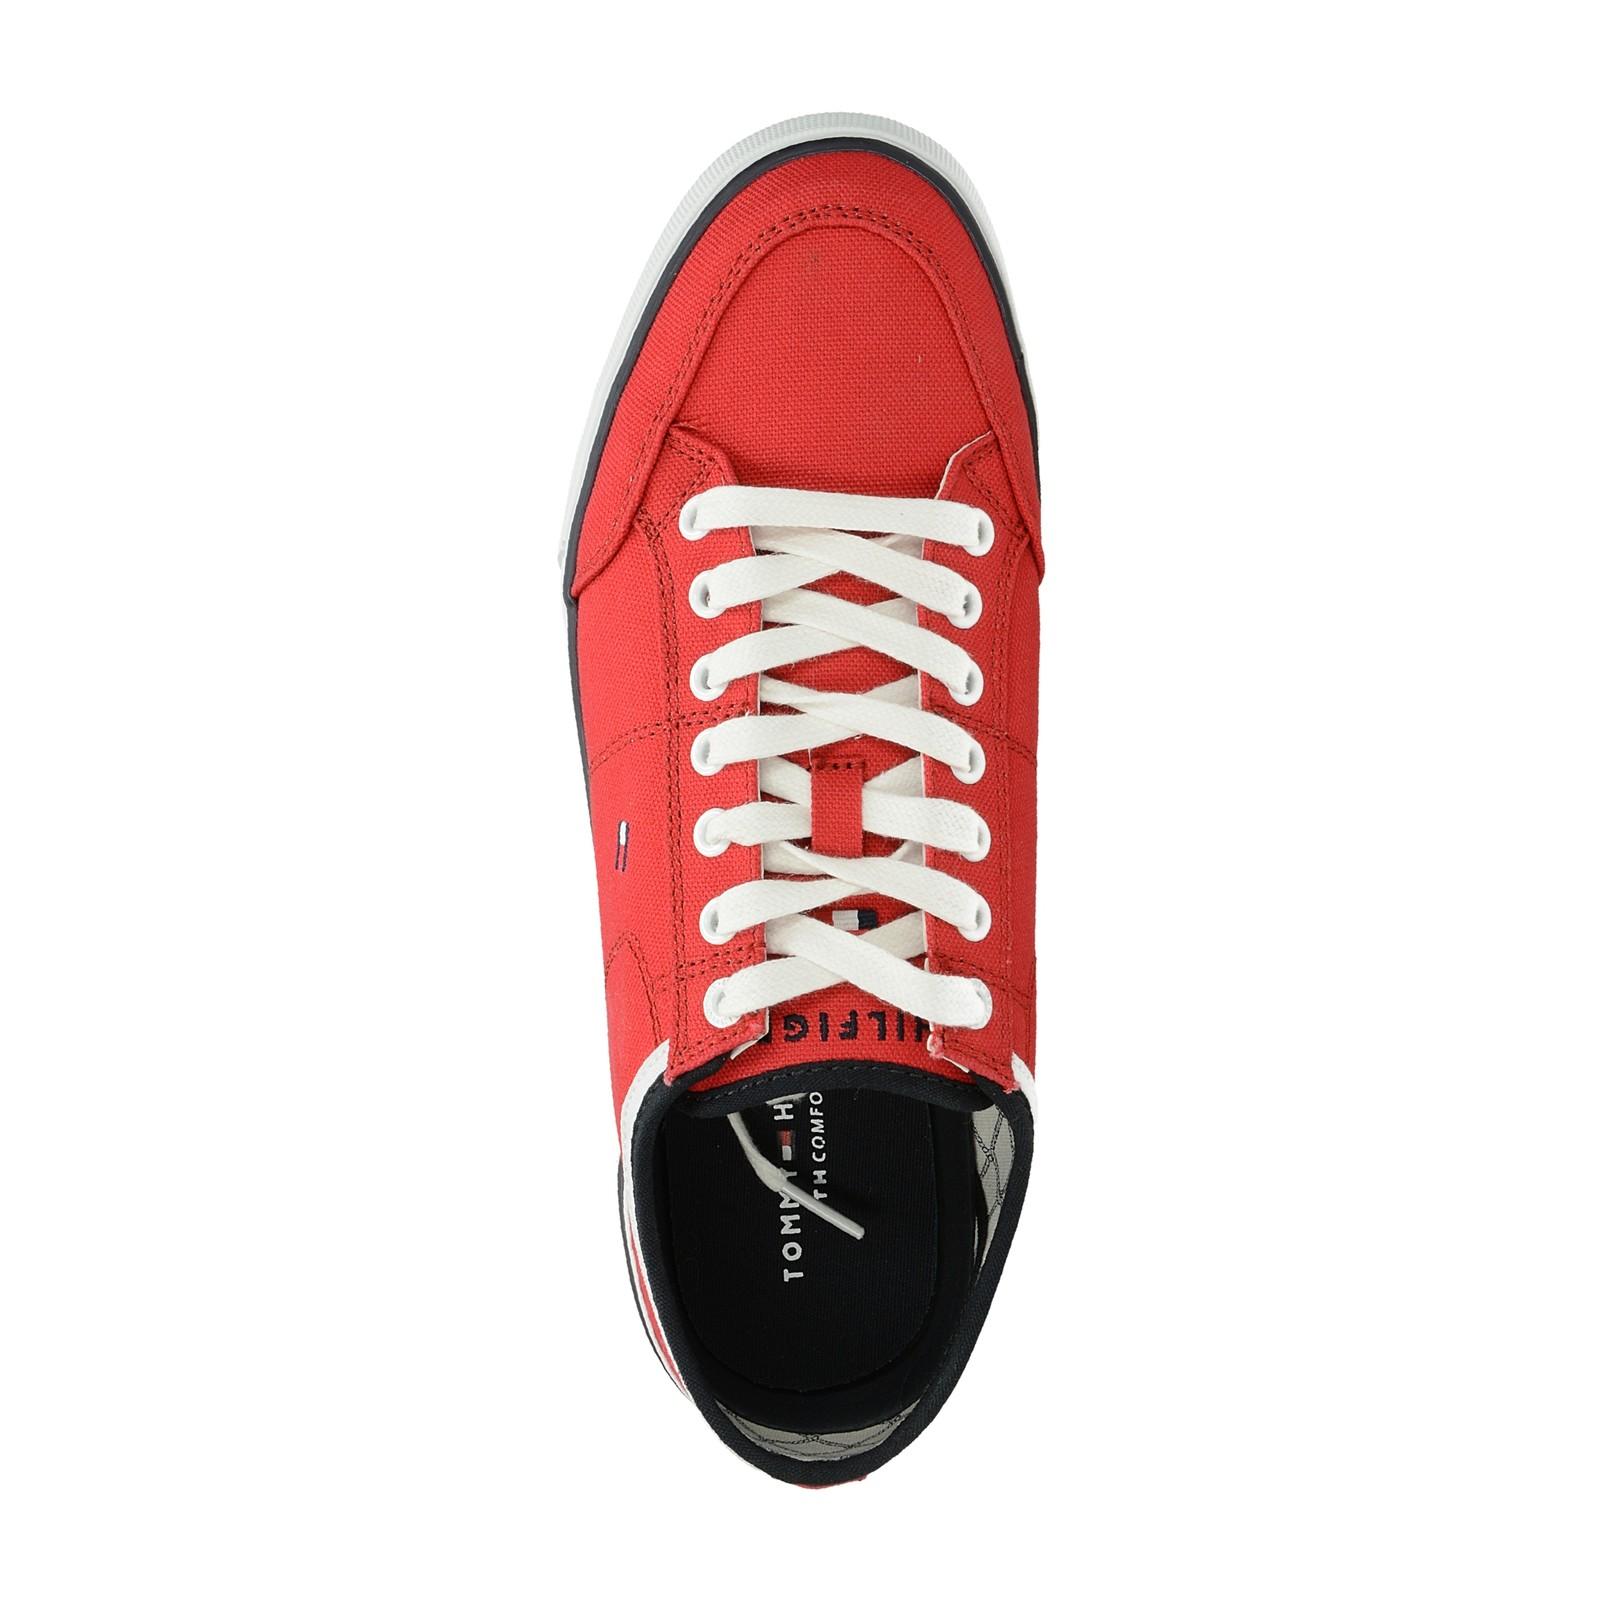 Tommy Hilfiger pánske pohodlné tenisky - červené